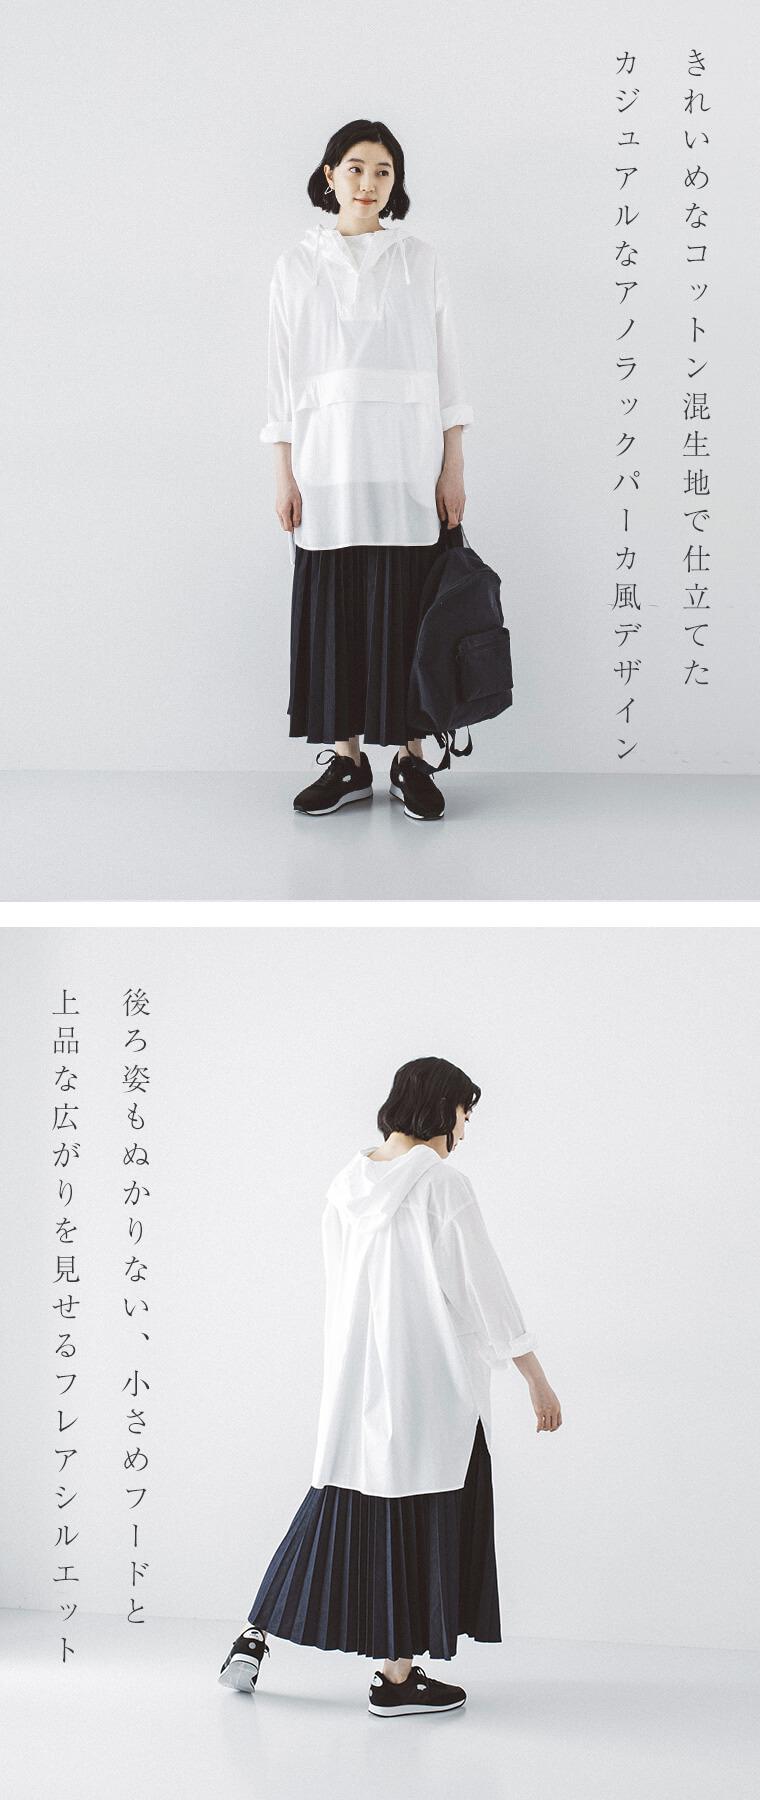 アノラックパーカシャツを着た女性モデル